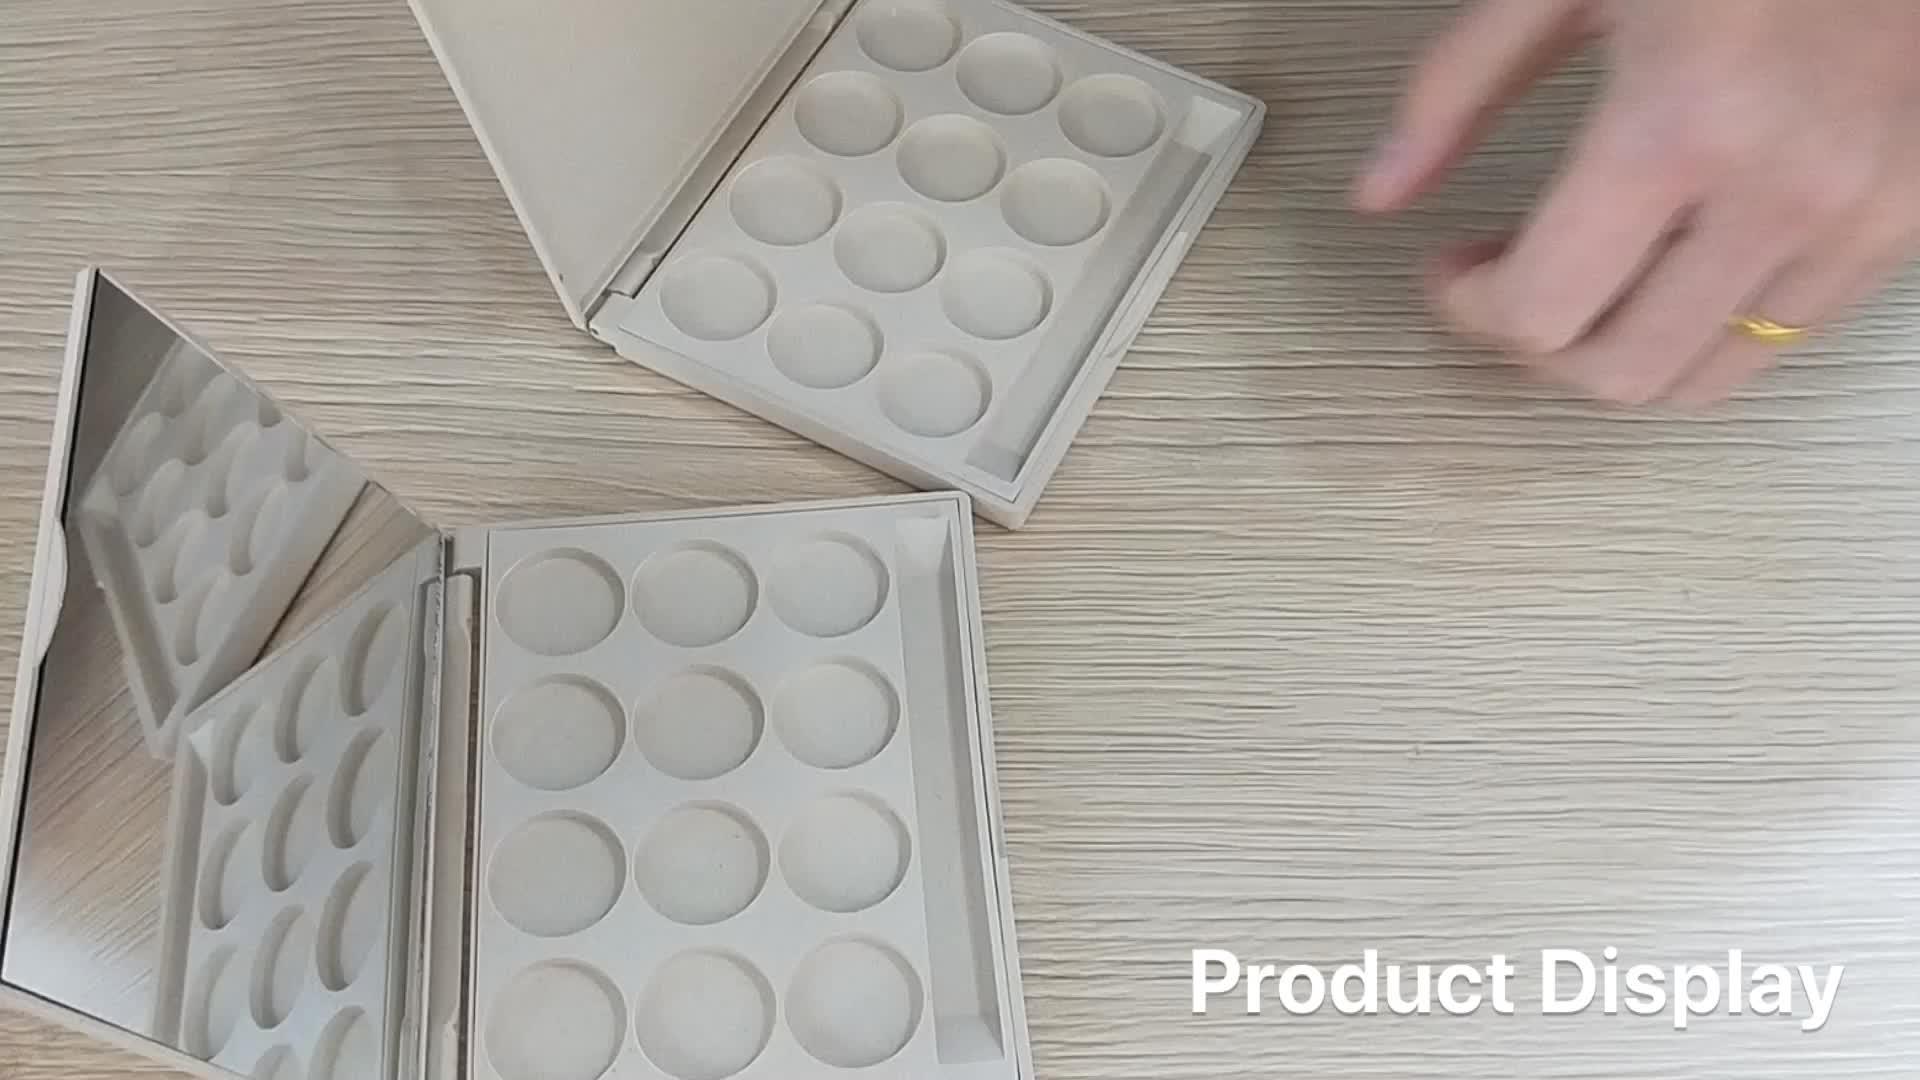 भूसे के साथ समग्र सामग्री कॉस्मेटिक packaging12 रंग आंखों के छायाएं पैलेट दर्पण